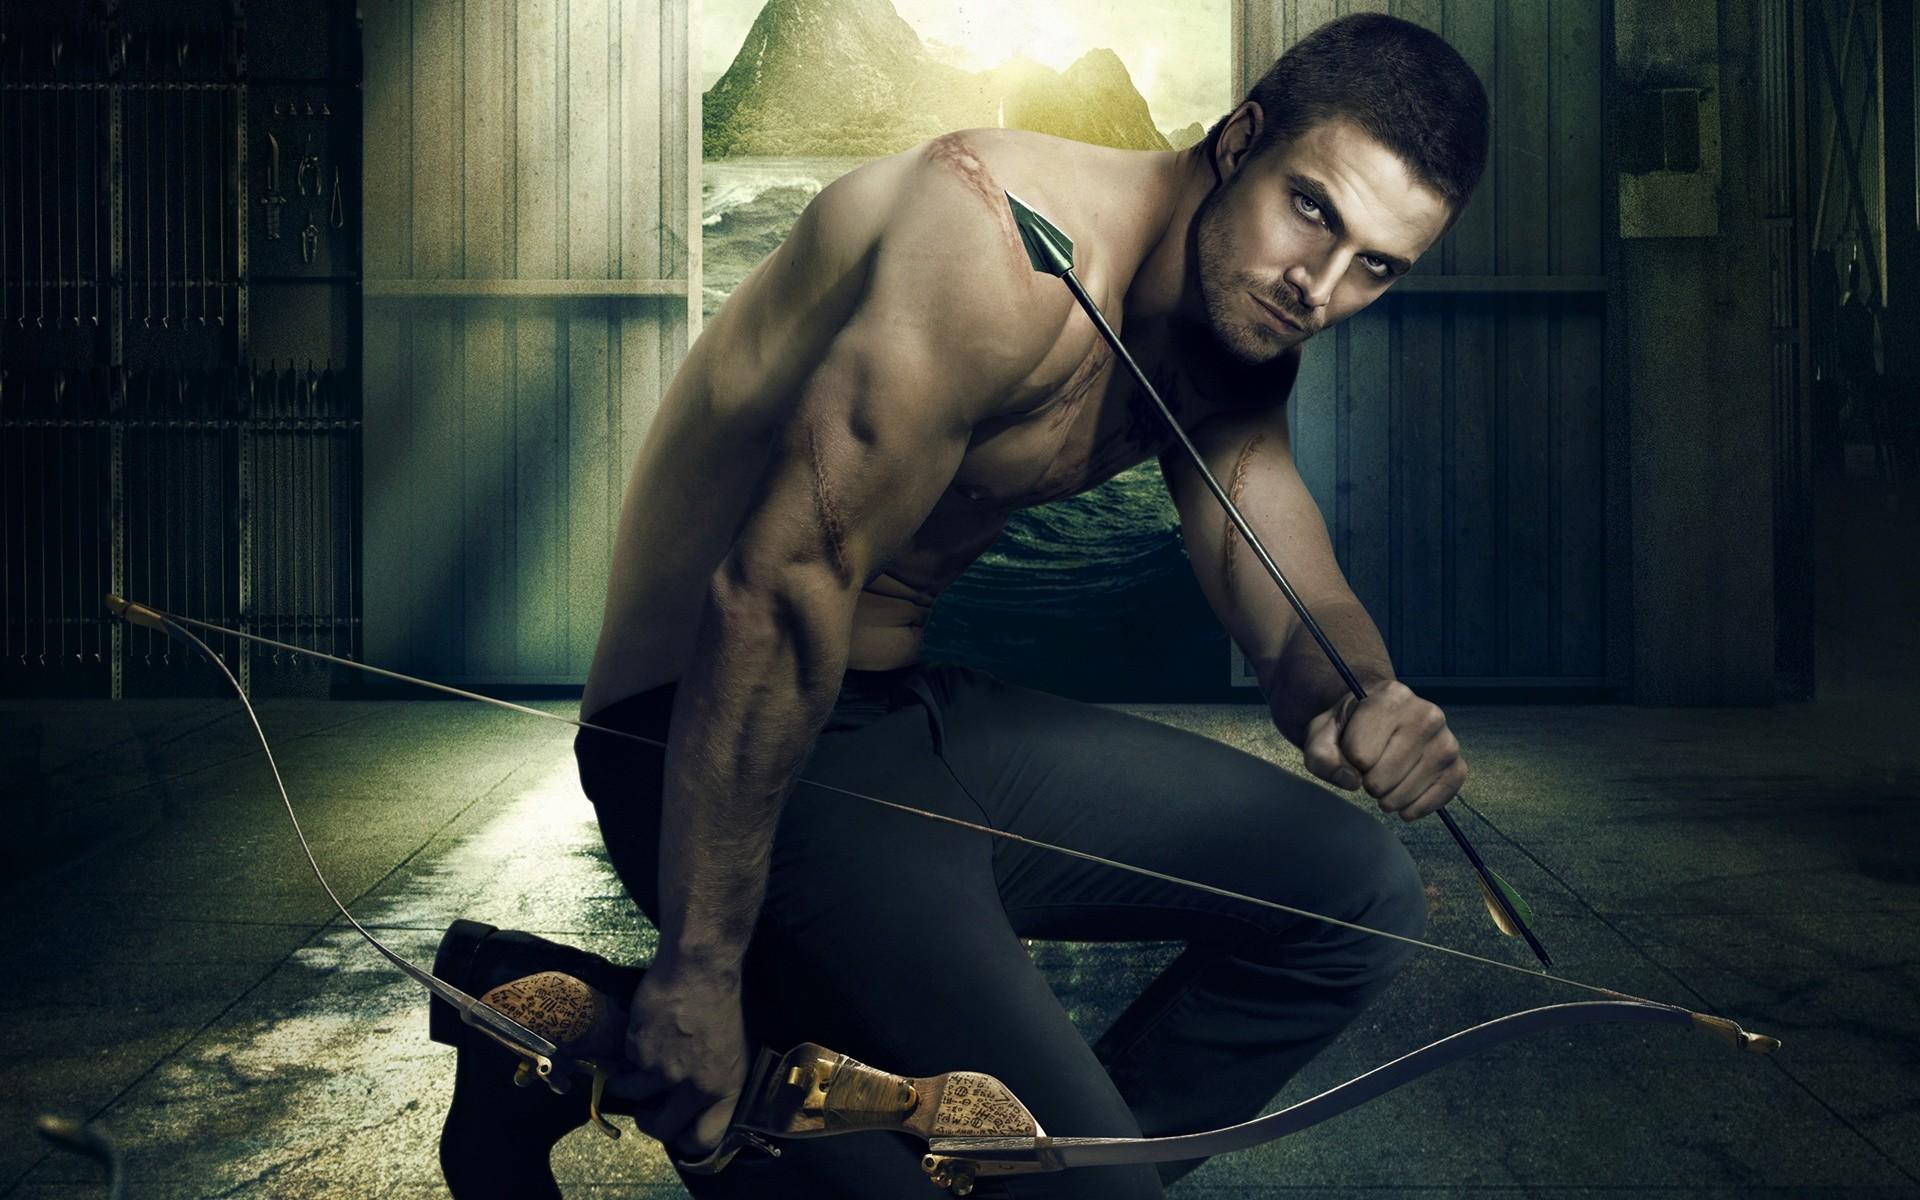 Arrow TV Show | Green Arrow TV Show, very handsome Oliver Queen character  in arrow